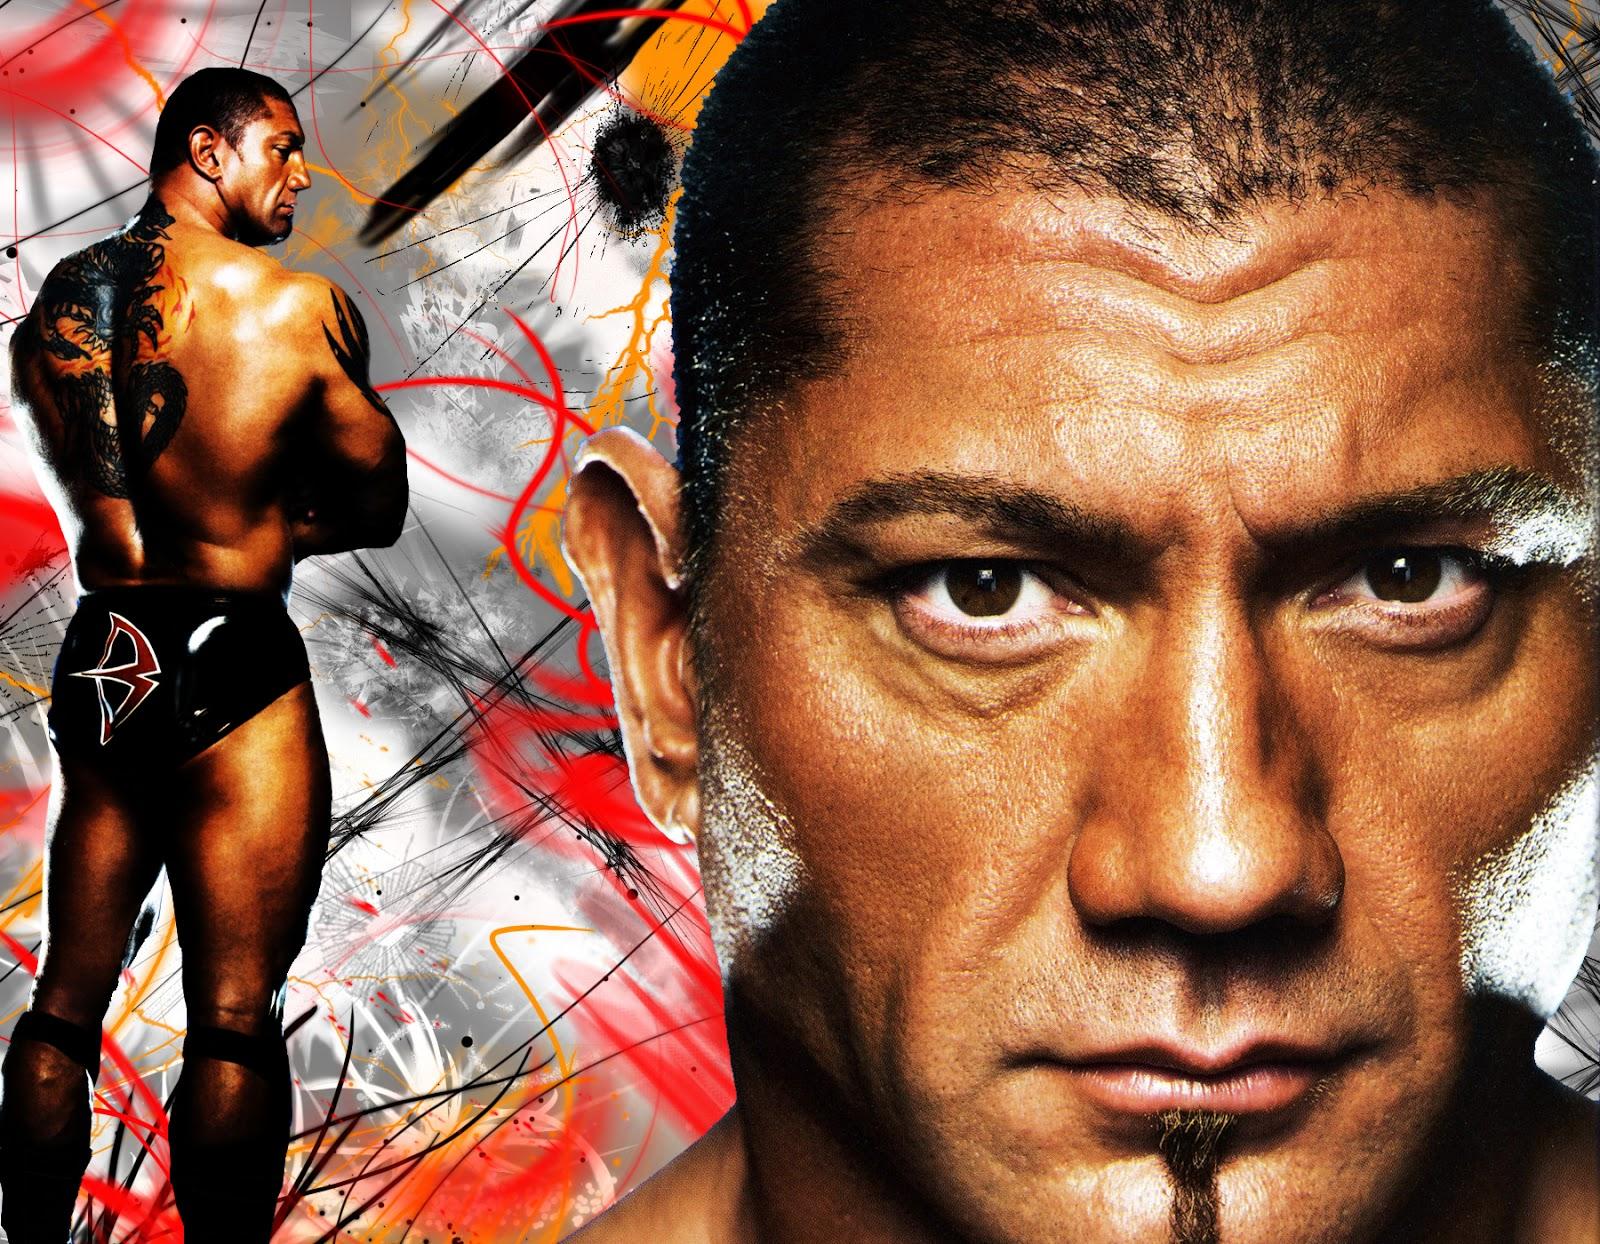 http://1.bp.blogspot.com/-0Rg9x1pCfUw/UQF3xUD4o7I/AAAAAAAABno/QcV5ZJq8EAc/s1600/WWE_Batista_Wallpaper_by_Marco8ynwa.jpg